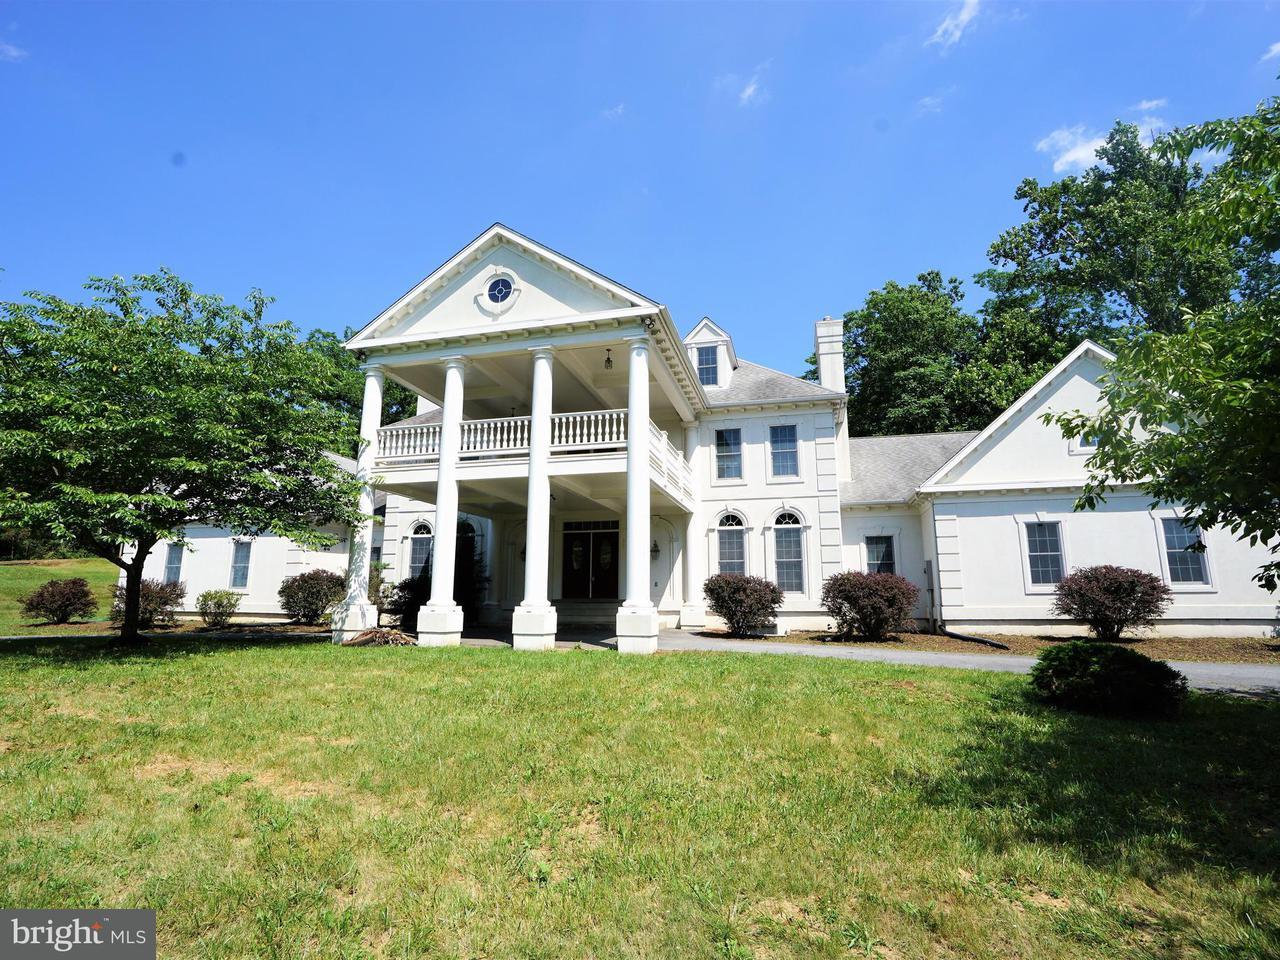 獨棟家庭住宅 為 出售 在 350 BAKERTON Road 350 BAKERTON Road Harpers Ferry, 西佛吉尼亞州 25425 美國